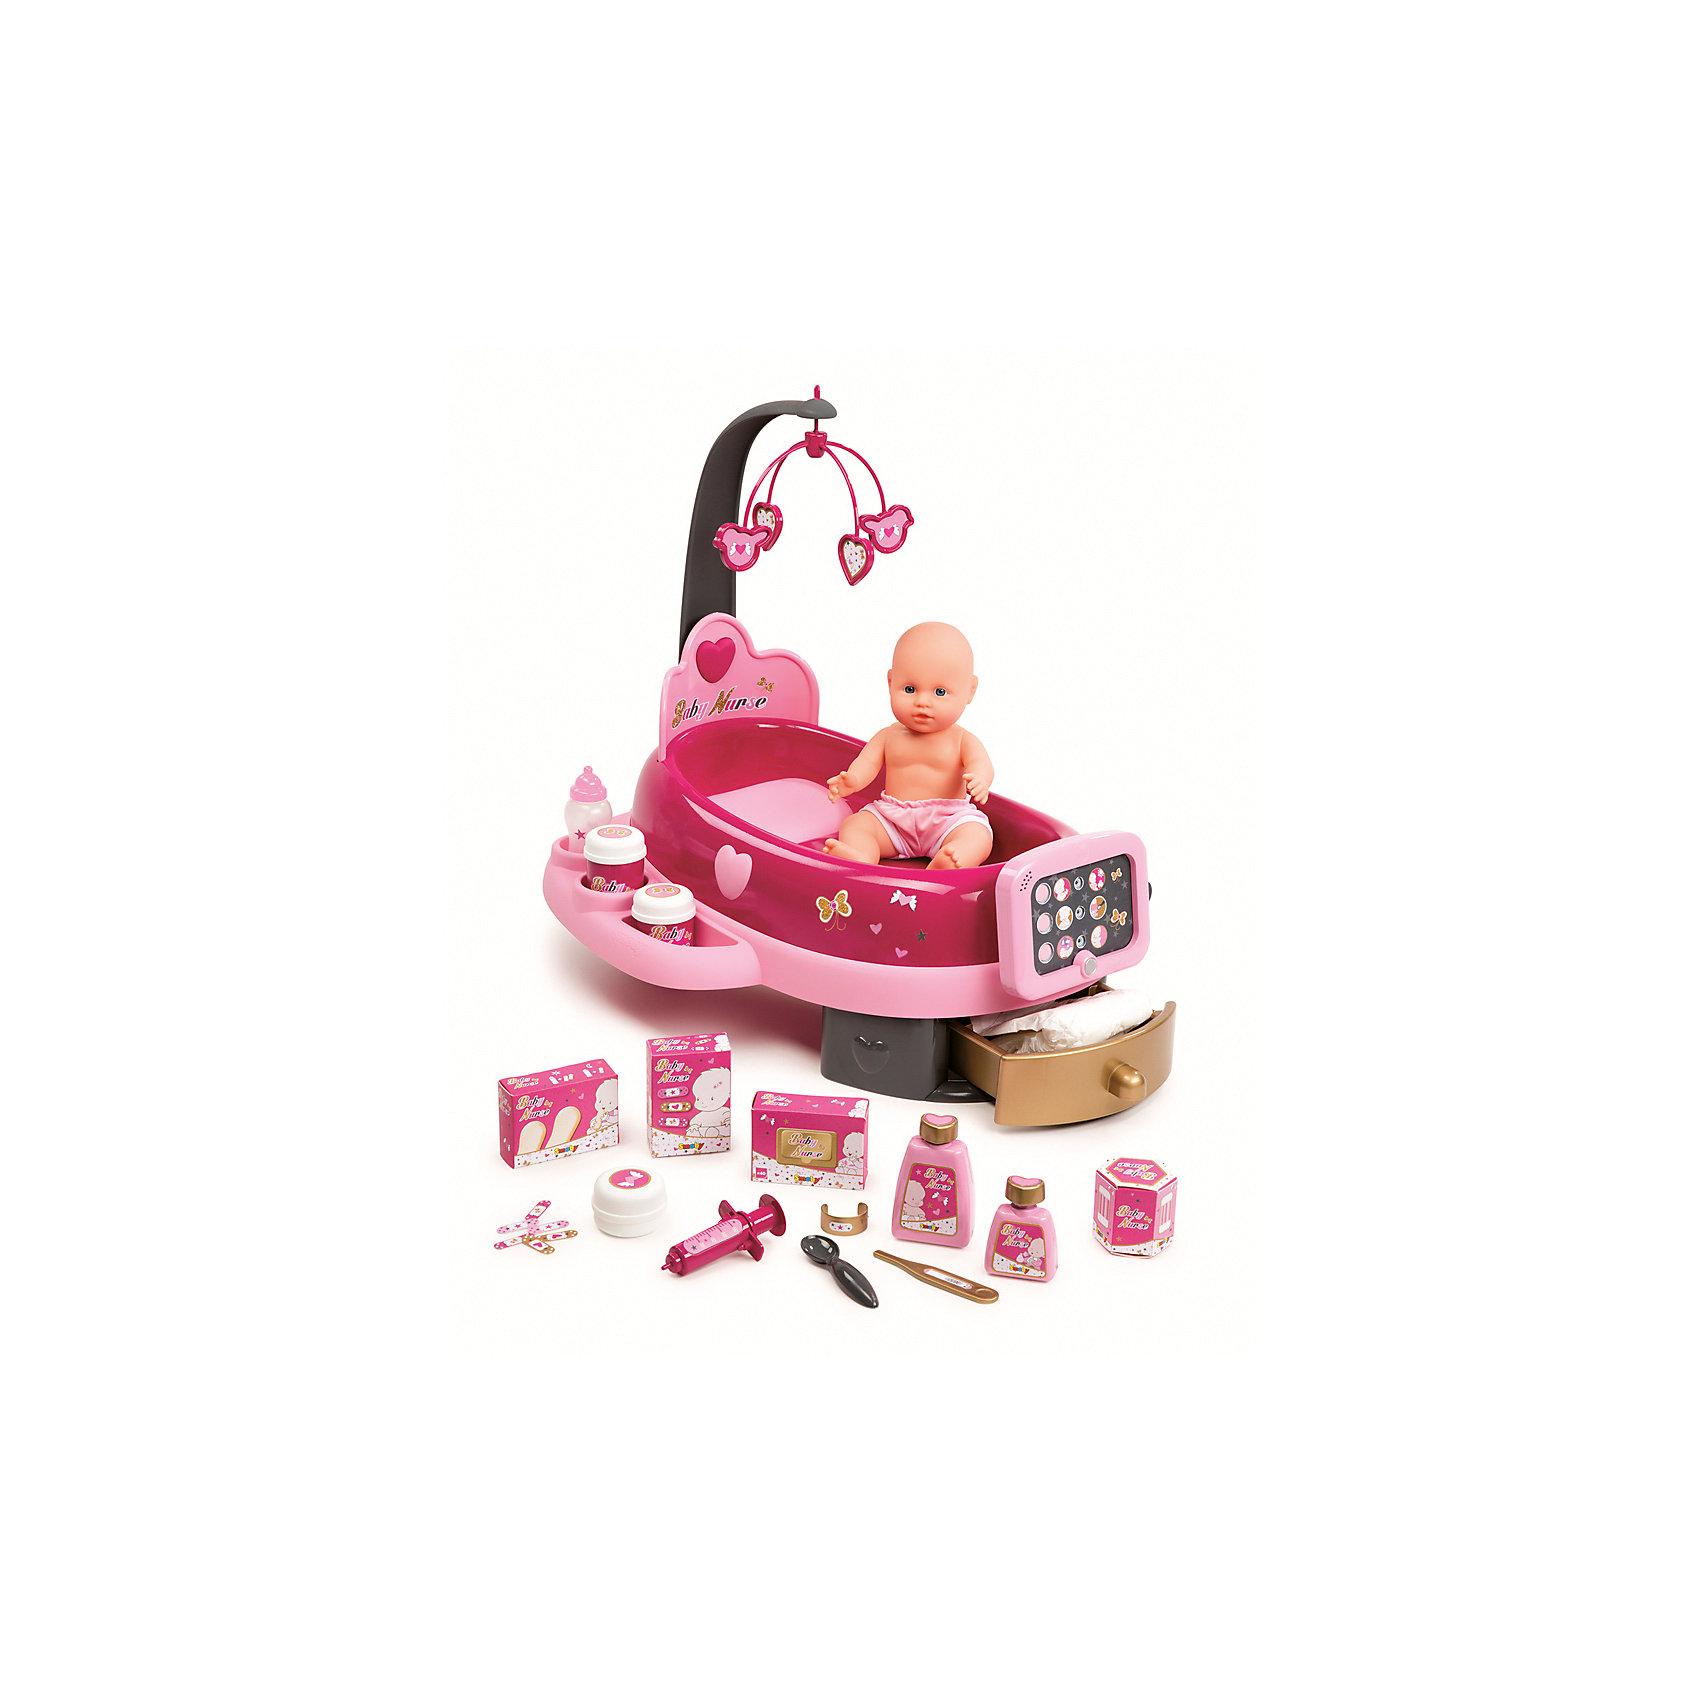 Набор по уходу за куклой, со светом и звуком, 39*54*50 см, SmobyКуклы-пупсы<br>Характеристики товара:<br><br>• возраст от 3 лет;<br>• материал: пластик;<br>• в комплекте: центр по уходу за куклой, кукла, 4 коробочки, 5 баночек, 1 бутылочка, 6 пластырей, памперс, ложка, градусник, шприц, браслет, звуковой дисплей;<br>• подходит для кукол высотой до 32 см;<br>• работает от 2 батареек ААА (в комплект не входят);<br>• размер упаковки 64х49х14,4 см;<br>• вес упаковки 1,96 кг;<br>• страна производитель: Китай.<br><br>Набор по уходу за куклой Smoby включает в себя необходимые аксессуары по уходу за куколкой. Специальный центр оборудован дисплеем, ящиком для вещей, полочкой для бутылочек, дугой с подвесными игрушками. Игрушка оснащена световыми и звуковыми эффектами, что делает игру еще увлекательней. Набор прививает у девочек чувство заботы и ответственности. Игрушка выполнена и качественного безвредного пластика.<br><br>Набор по уходу за куклой Smoby можно приобрести в нашем интернет-магазине.<br><br>Ширина мм: 640<br>Глубина мм: 144<br>Высота мм: 490<br>Вес г: 1960<br>Возраст от месяцев: 36<br>Возраст до месяцев: 96<br>Пол: Женский<br>Возраст: Детский<br>SKU: 5613511